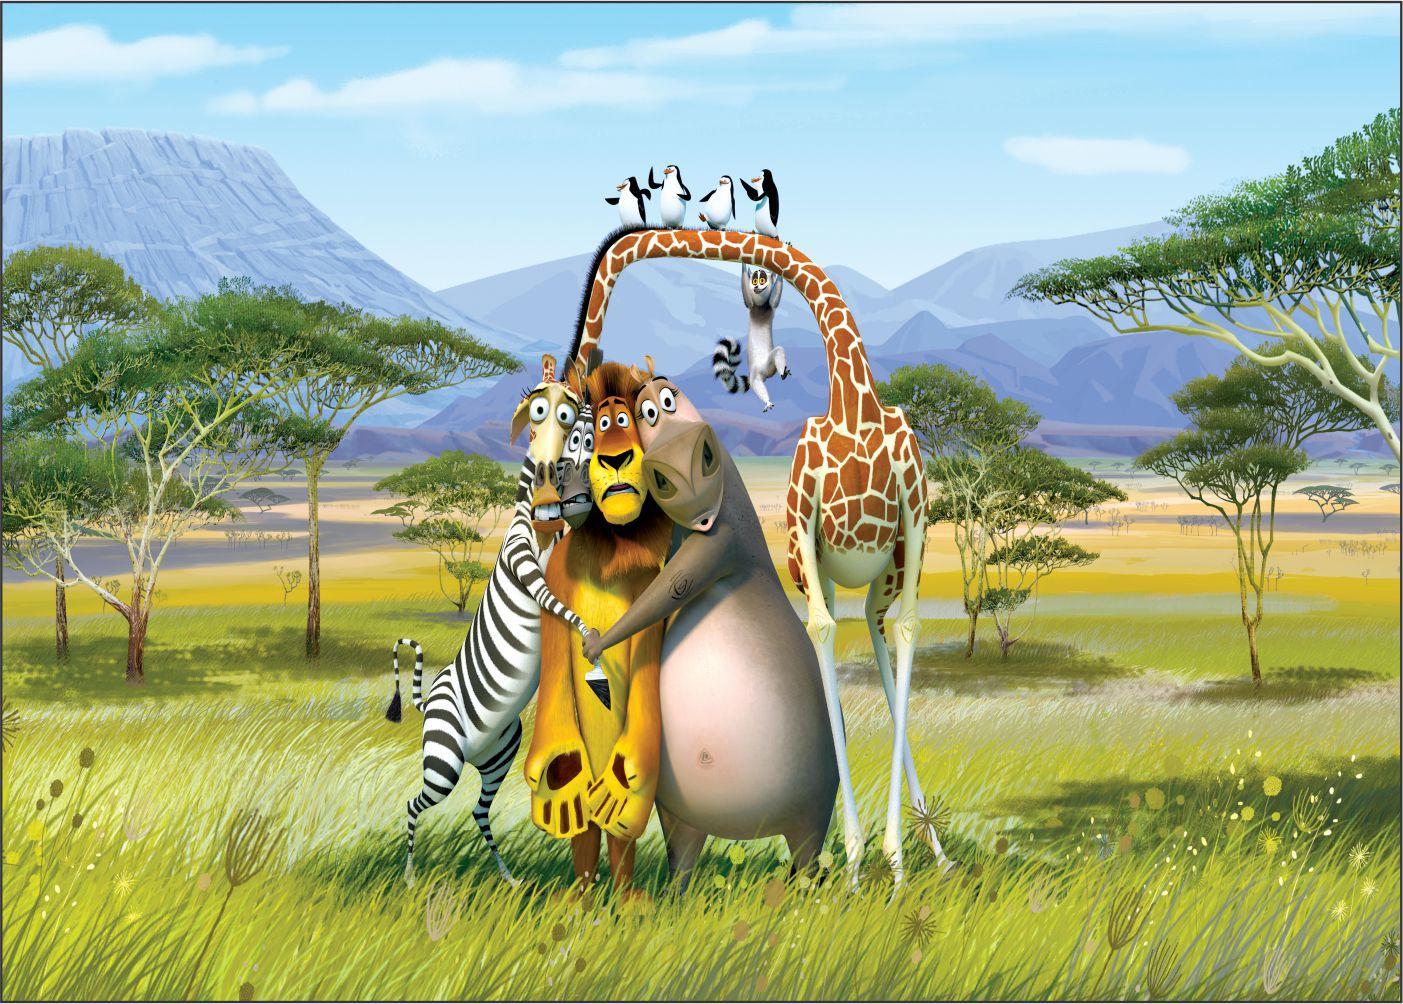 Papel de Parede Infantil Madagascar 0005  - Paredes Decoradas